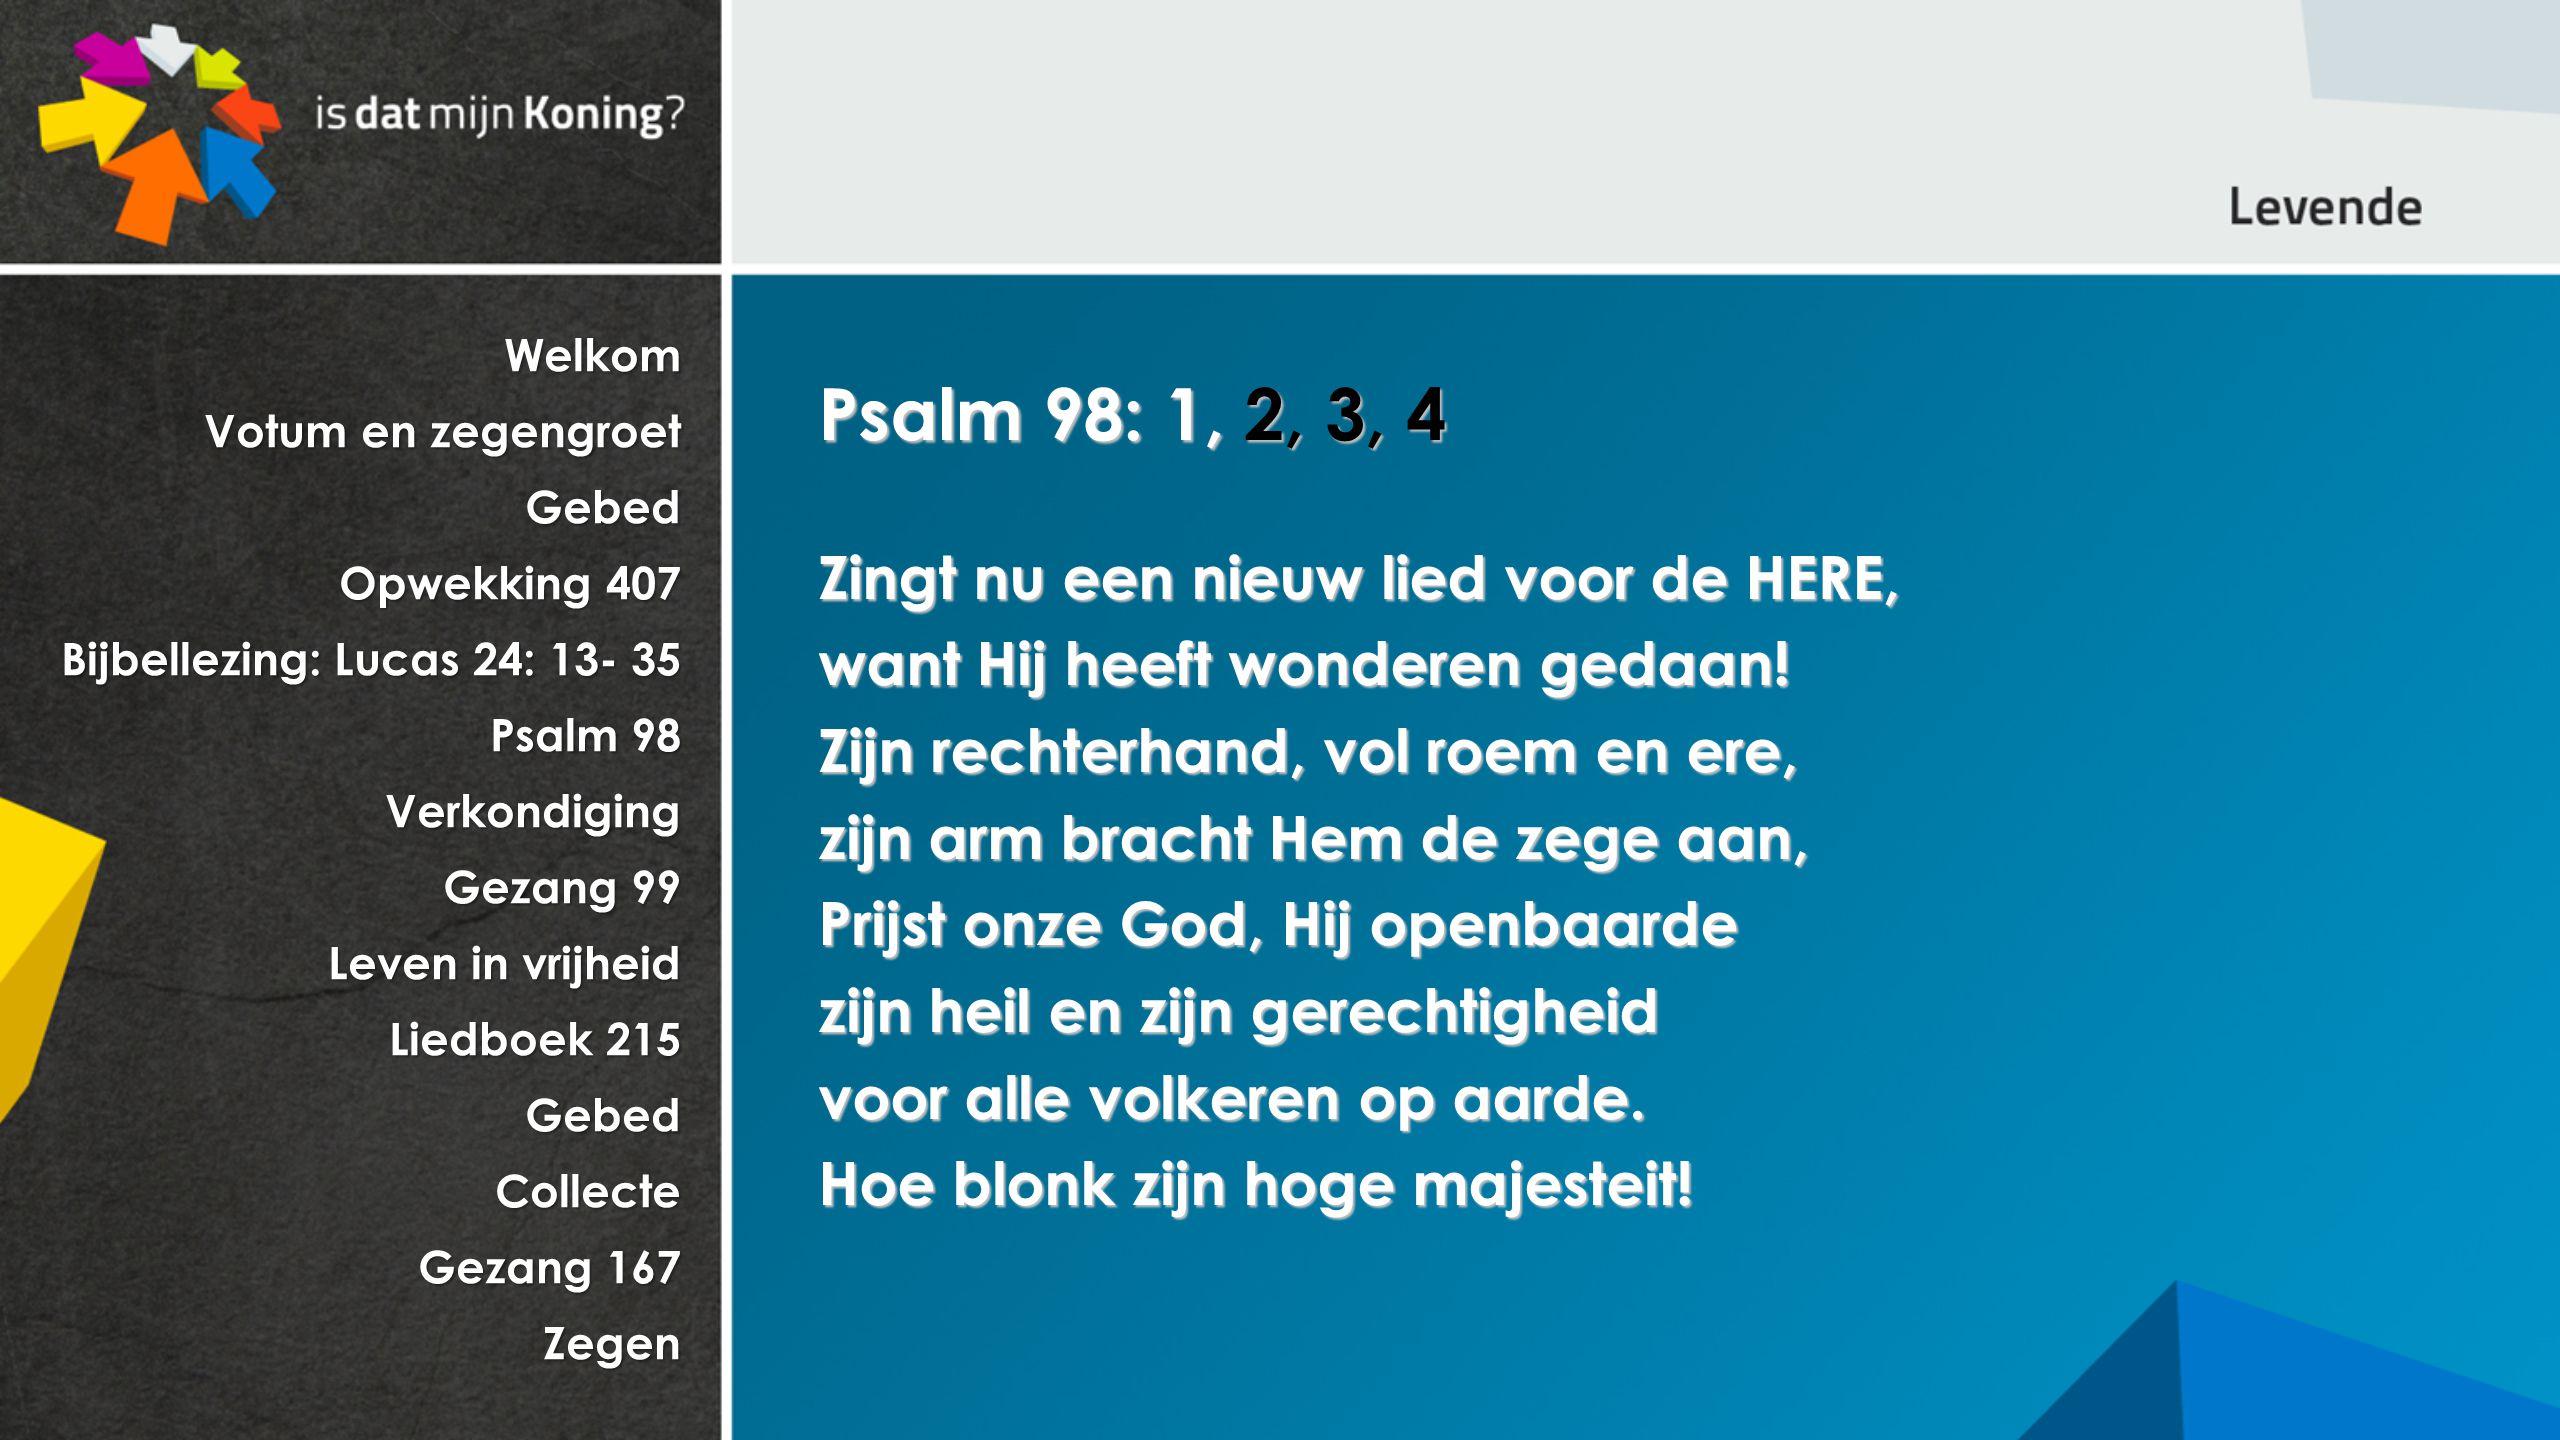 Welkom Votum en zegengroet Gebed Opwekking 407 Bijbellezing: Lucas 24: 13- 35 Psalm 98 Verkondiging Gezang 99 Leven in vrijheid Liedboek 215 GebedCollecte Gezang 167 Zegen Psalm 98: 1, 2, 3, 4 Zingt nu een nieuw lied voor de HERE, want Hij heeft wonderen gedaan.